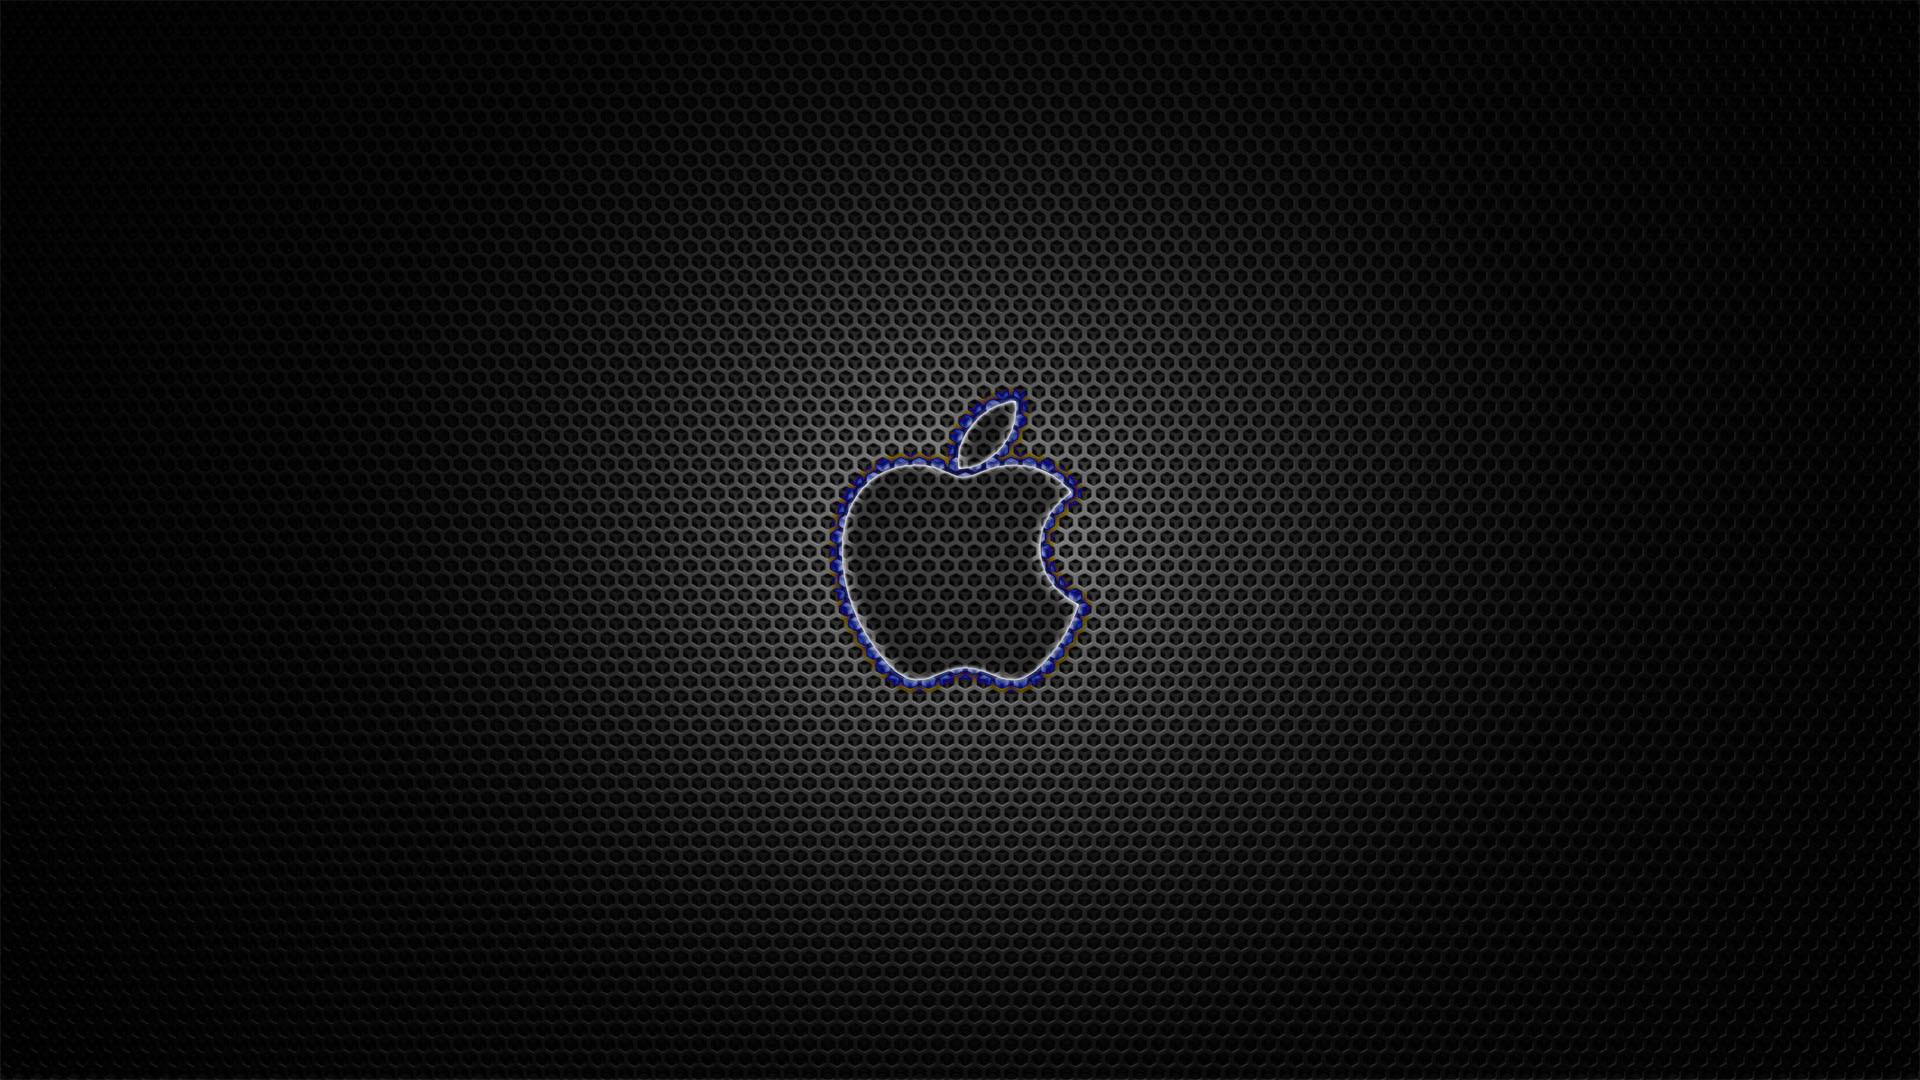 … HarriePatemanDesigns Apple Background Carbon Fiber HD by  HarriePatemanDesigns